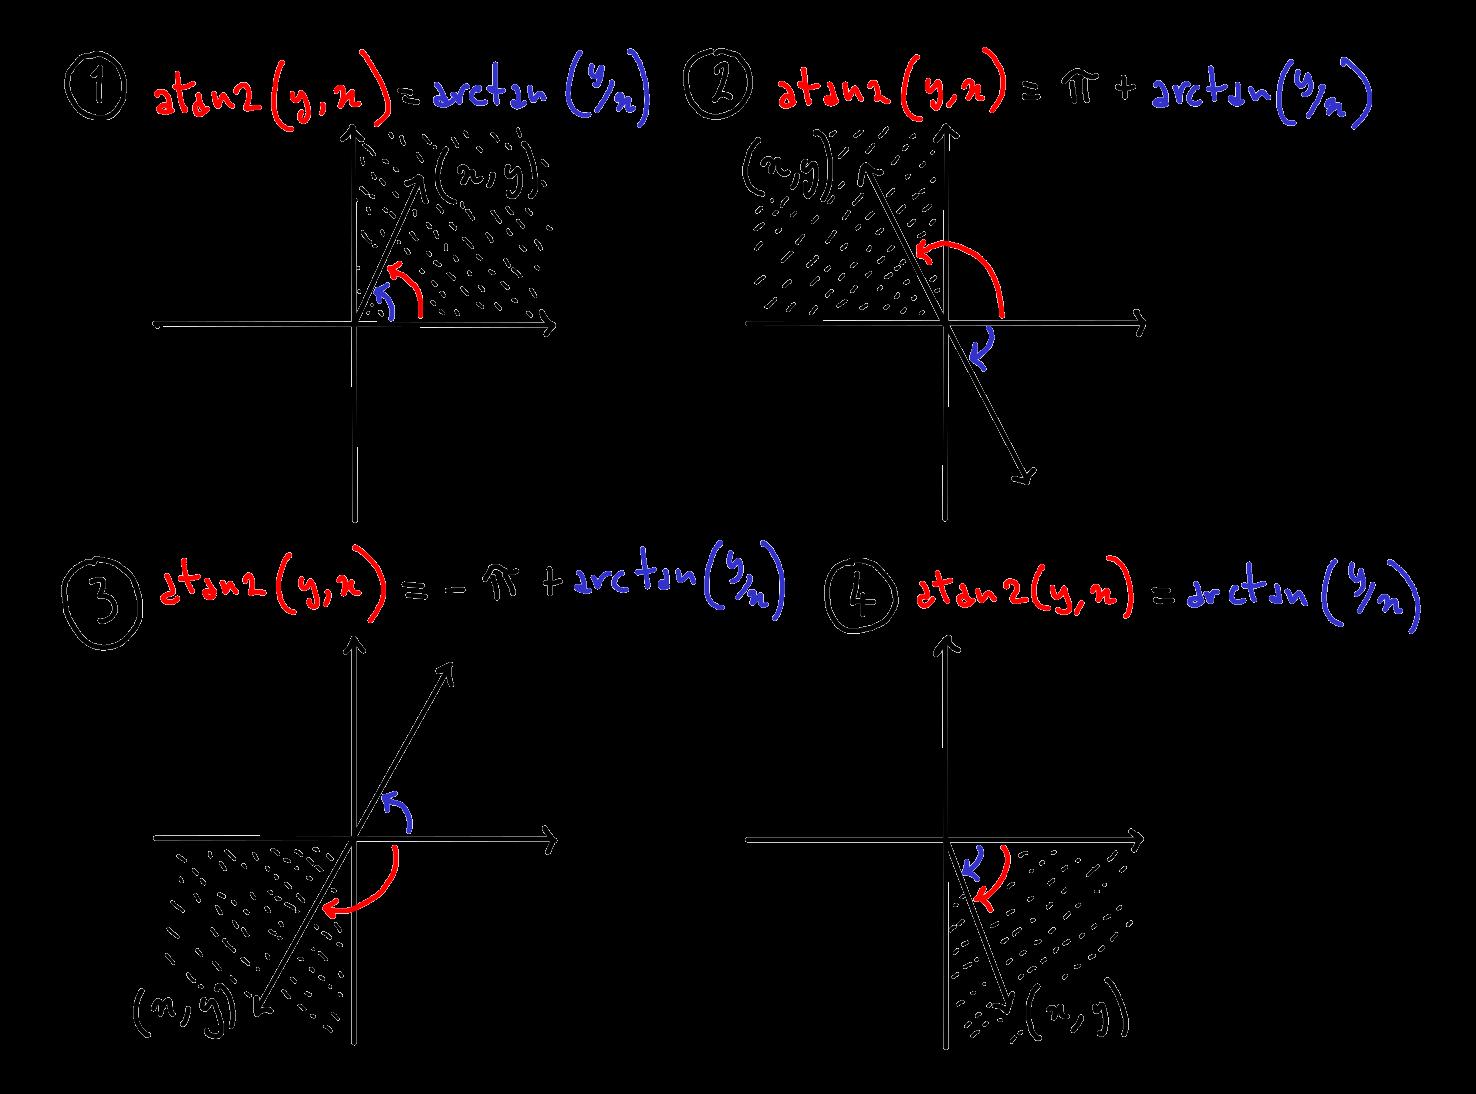 График, показывающий, как настроить результаты  arctan. Помните, что углы под линией x отрицательны, поэтому, например, во втором квадранте  pi +  arctan (y / x) будет положительным, поскольку  arctan (y / x) будет в [-pi/2, 0].